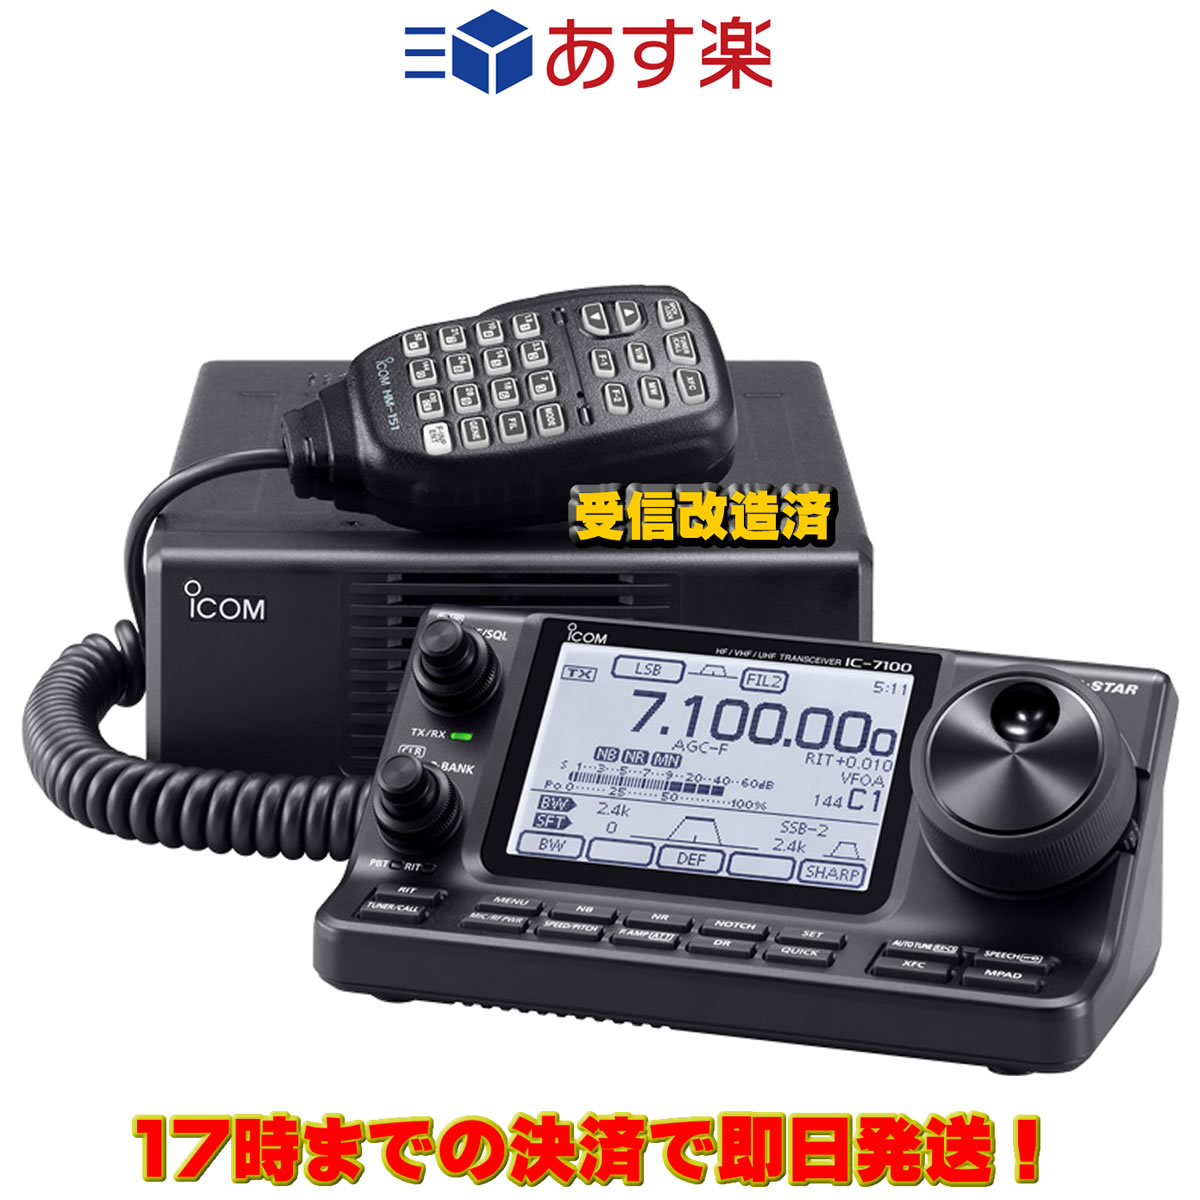 IC-7100M 受信改造済 アイコム HF+50MHz+144MHz+430MHz〈SSB・CW・RTTY・AM・FM・DV〉50W 3アマ トランシーバー画像